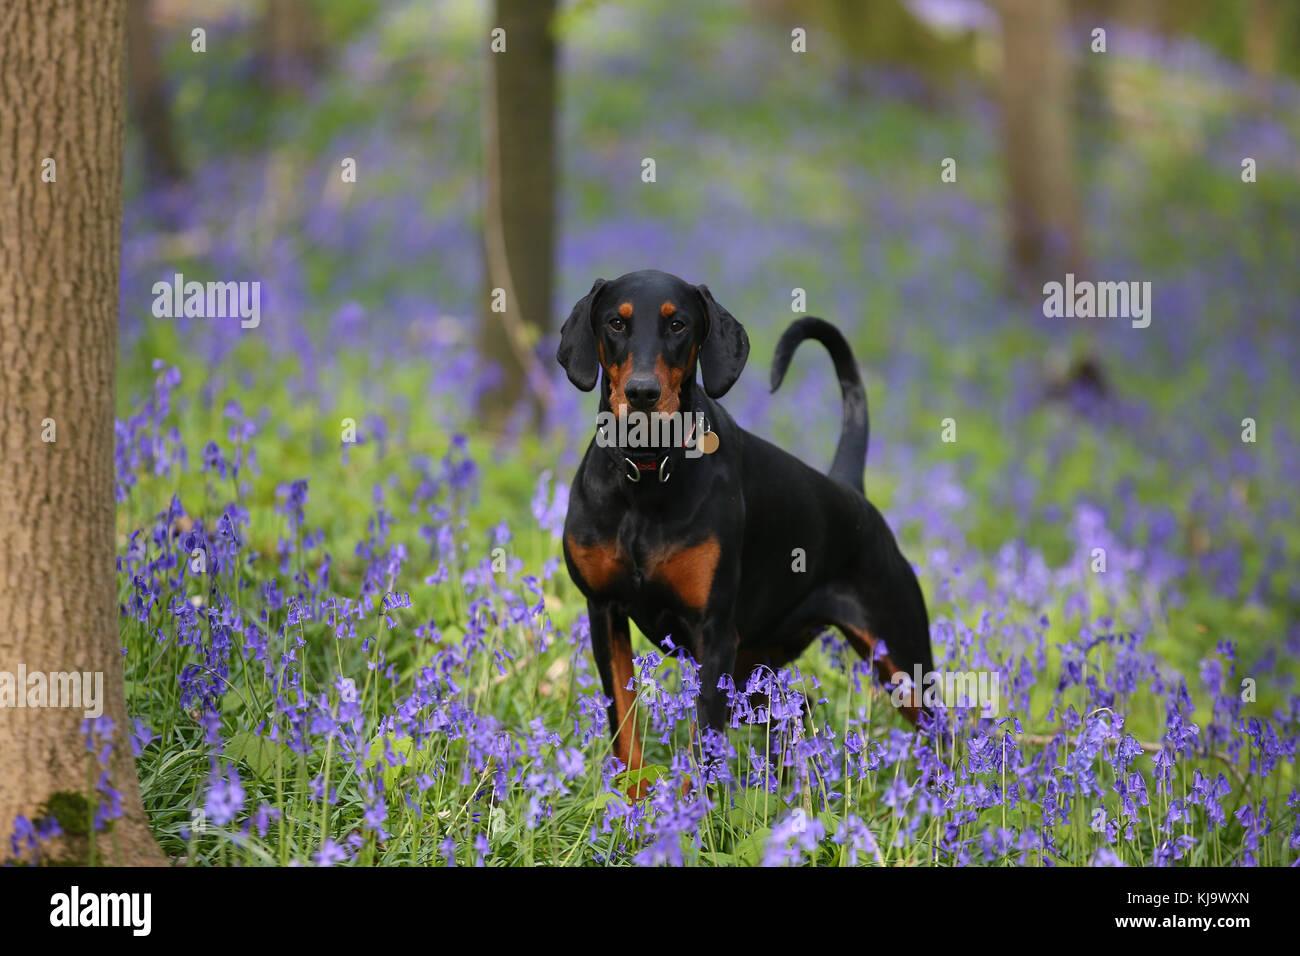 Doberman Pinscher - Stock Image